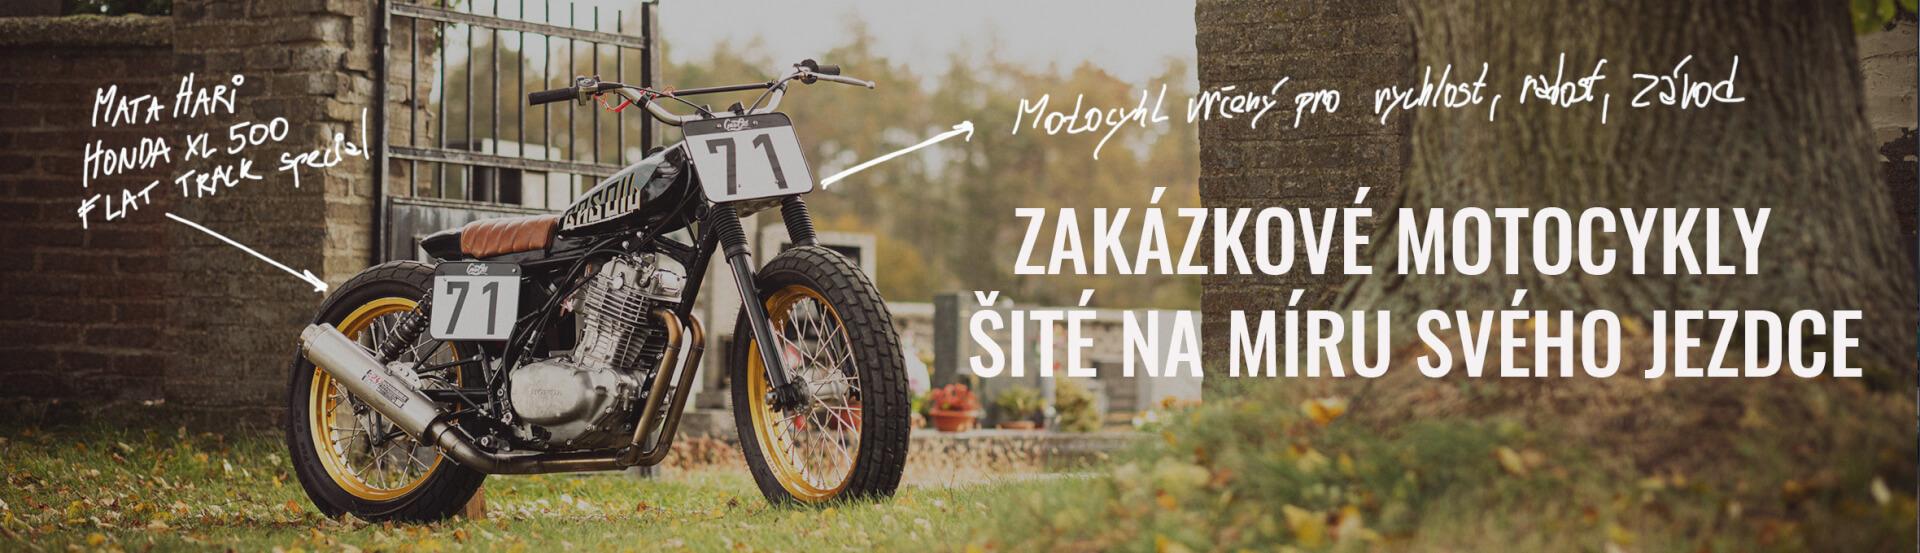 zakázkové motocykly šité na míru jezdce